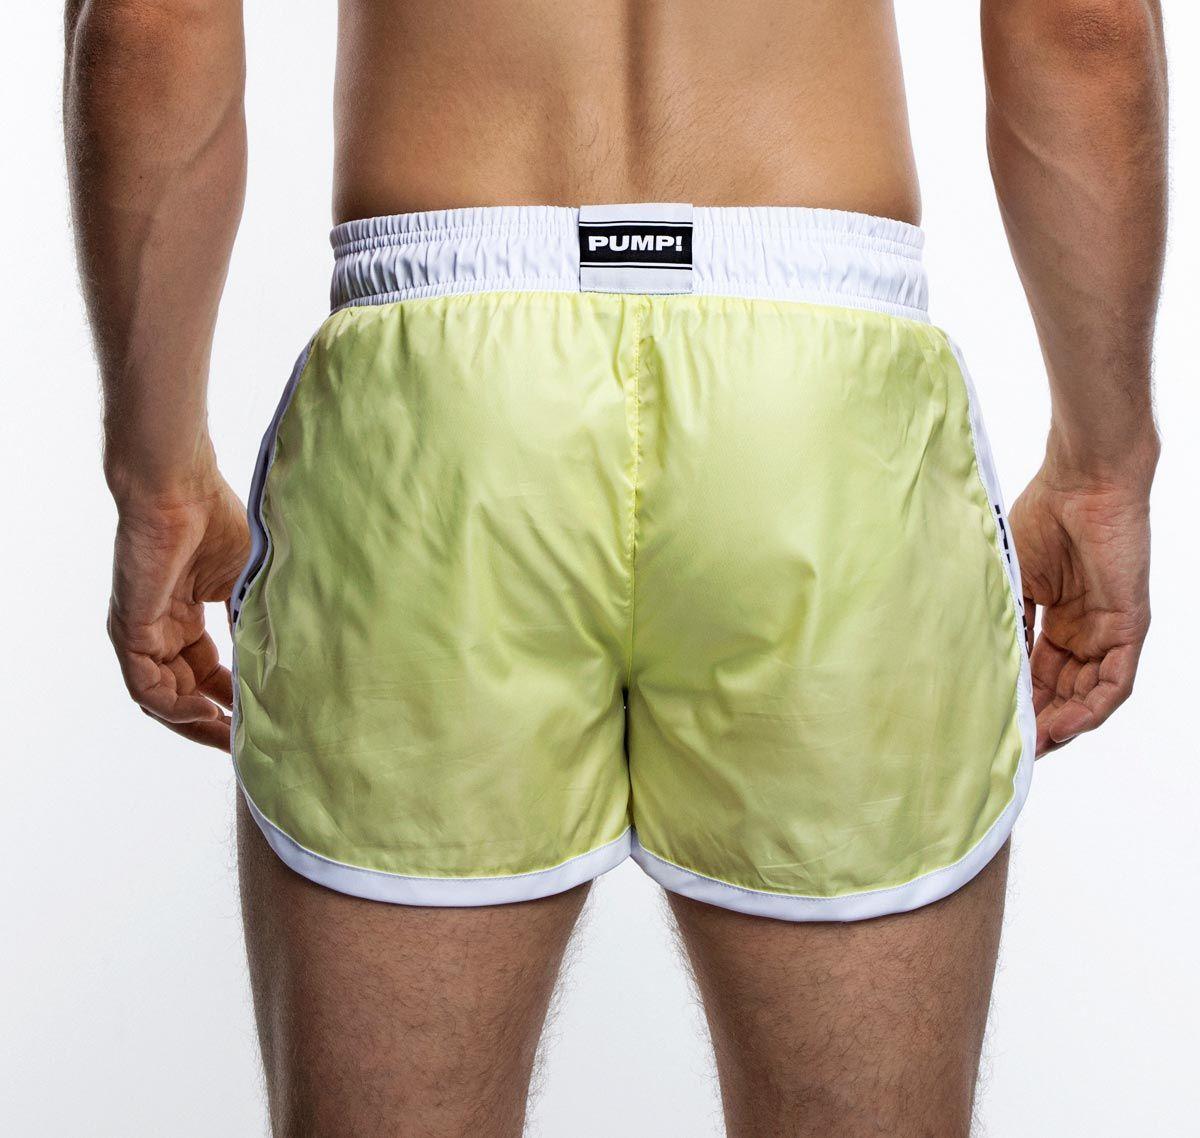 PUMP! Pantaloncini LIME WATERSHORT, verde